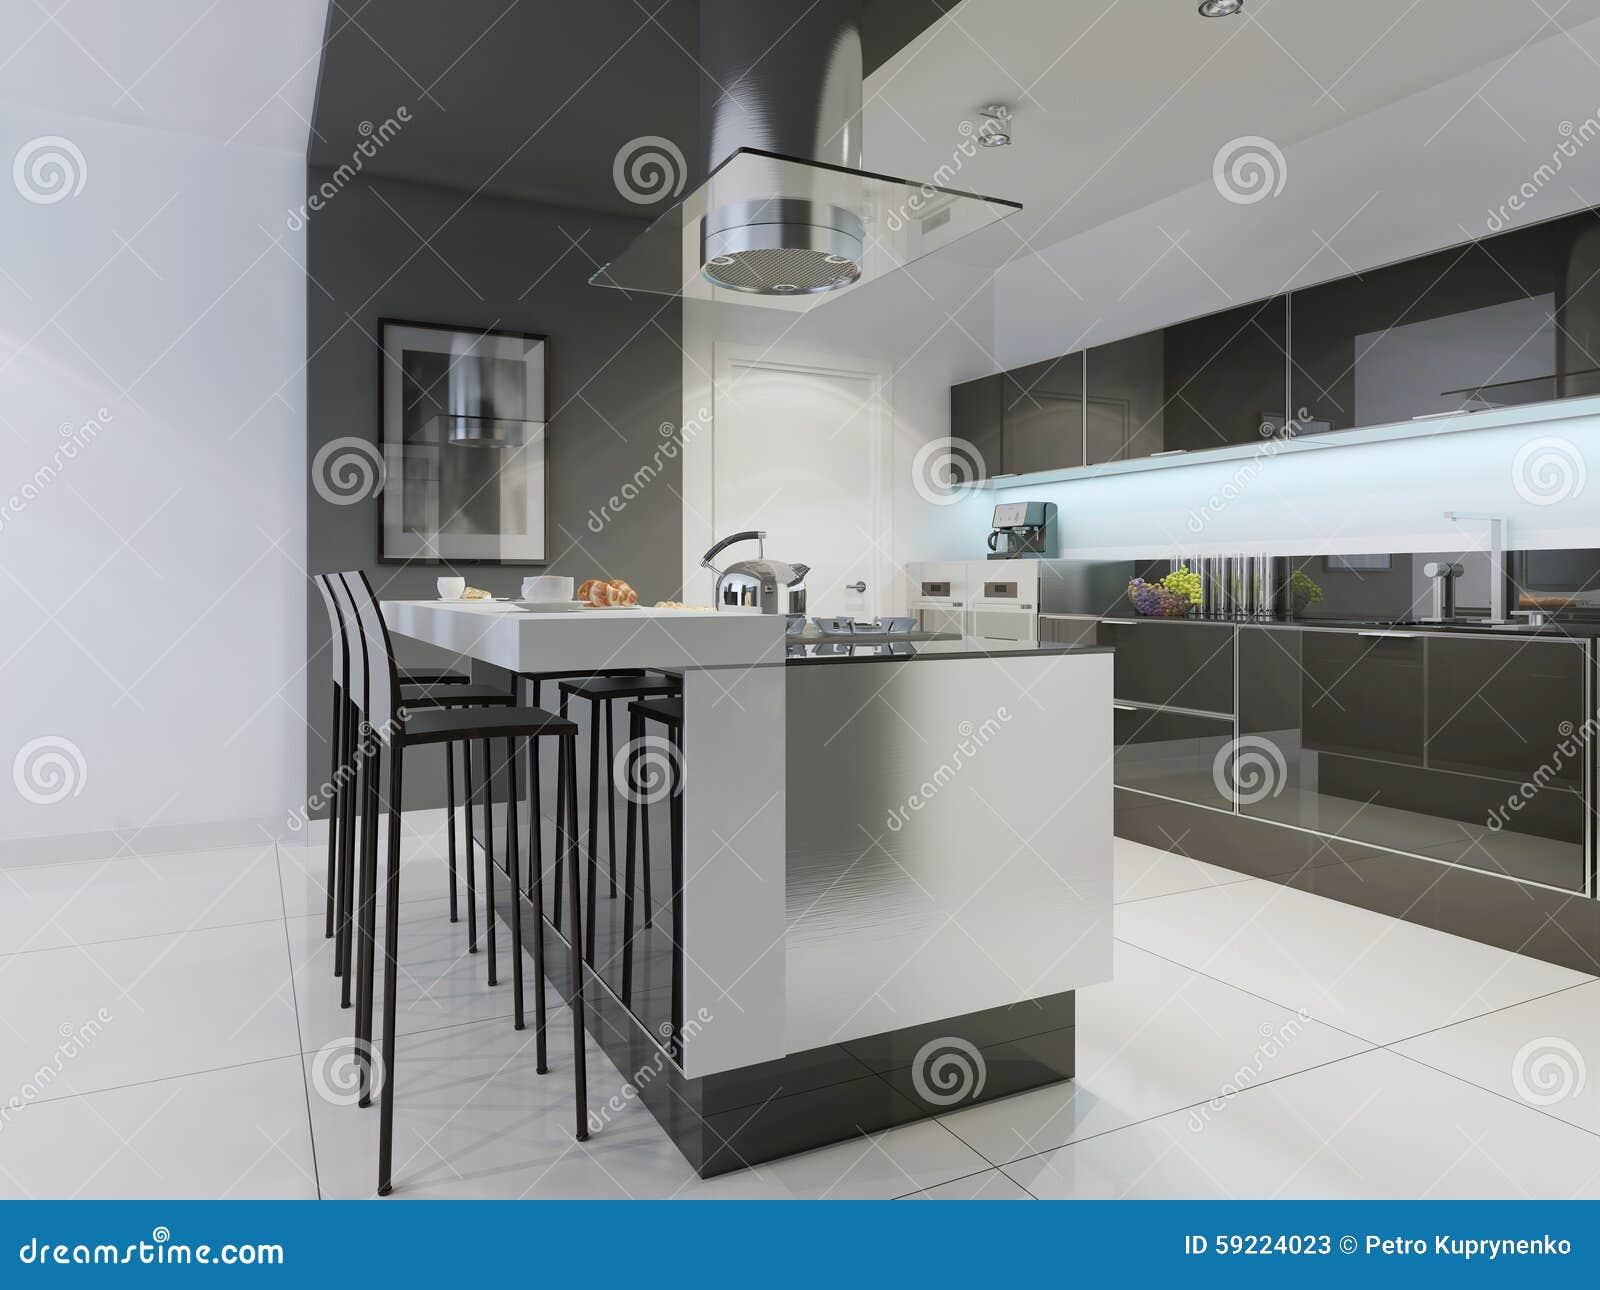 Design Der Modernen Küche Mit Insel Stockbild - Bild von dekoration ...